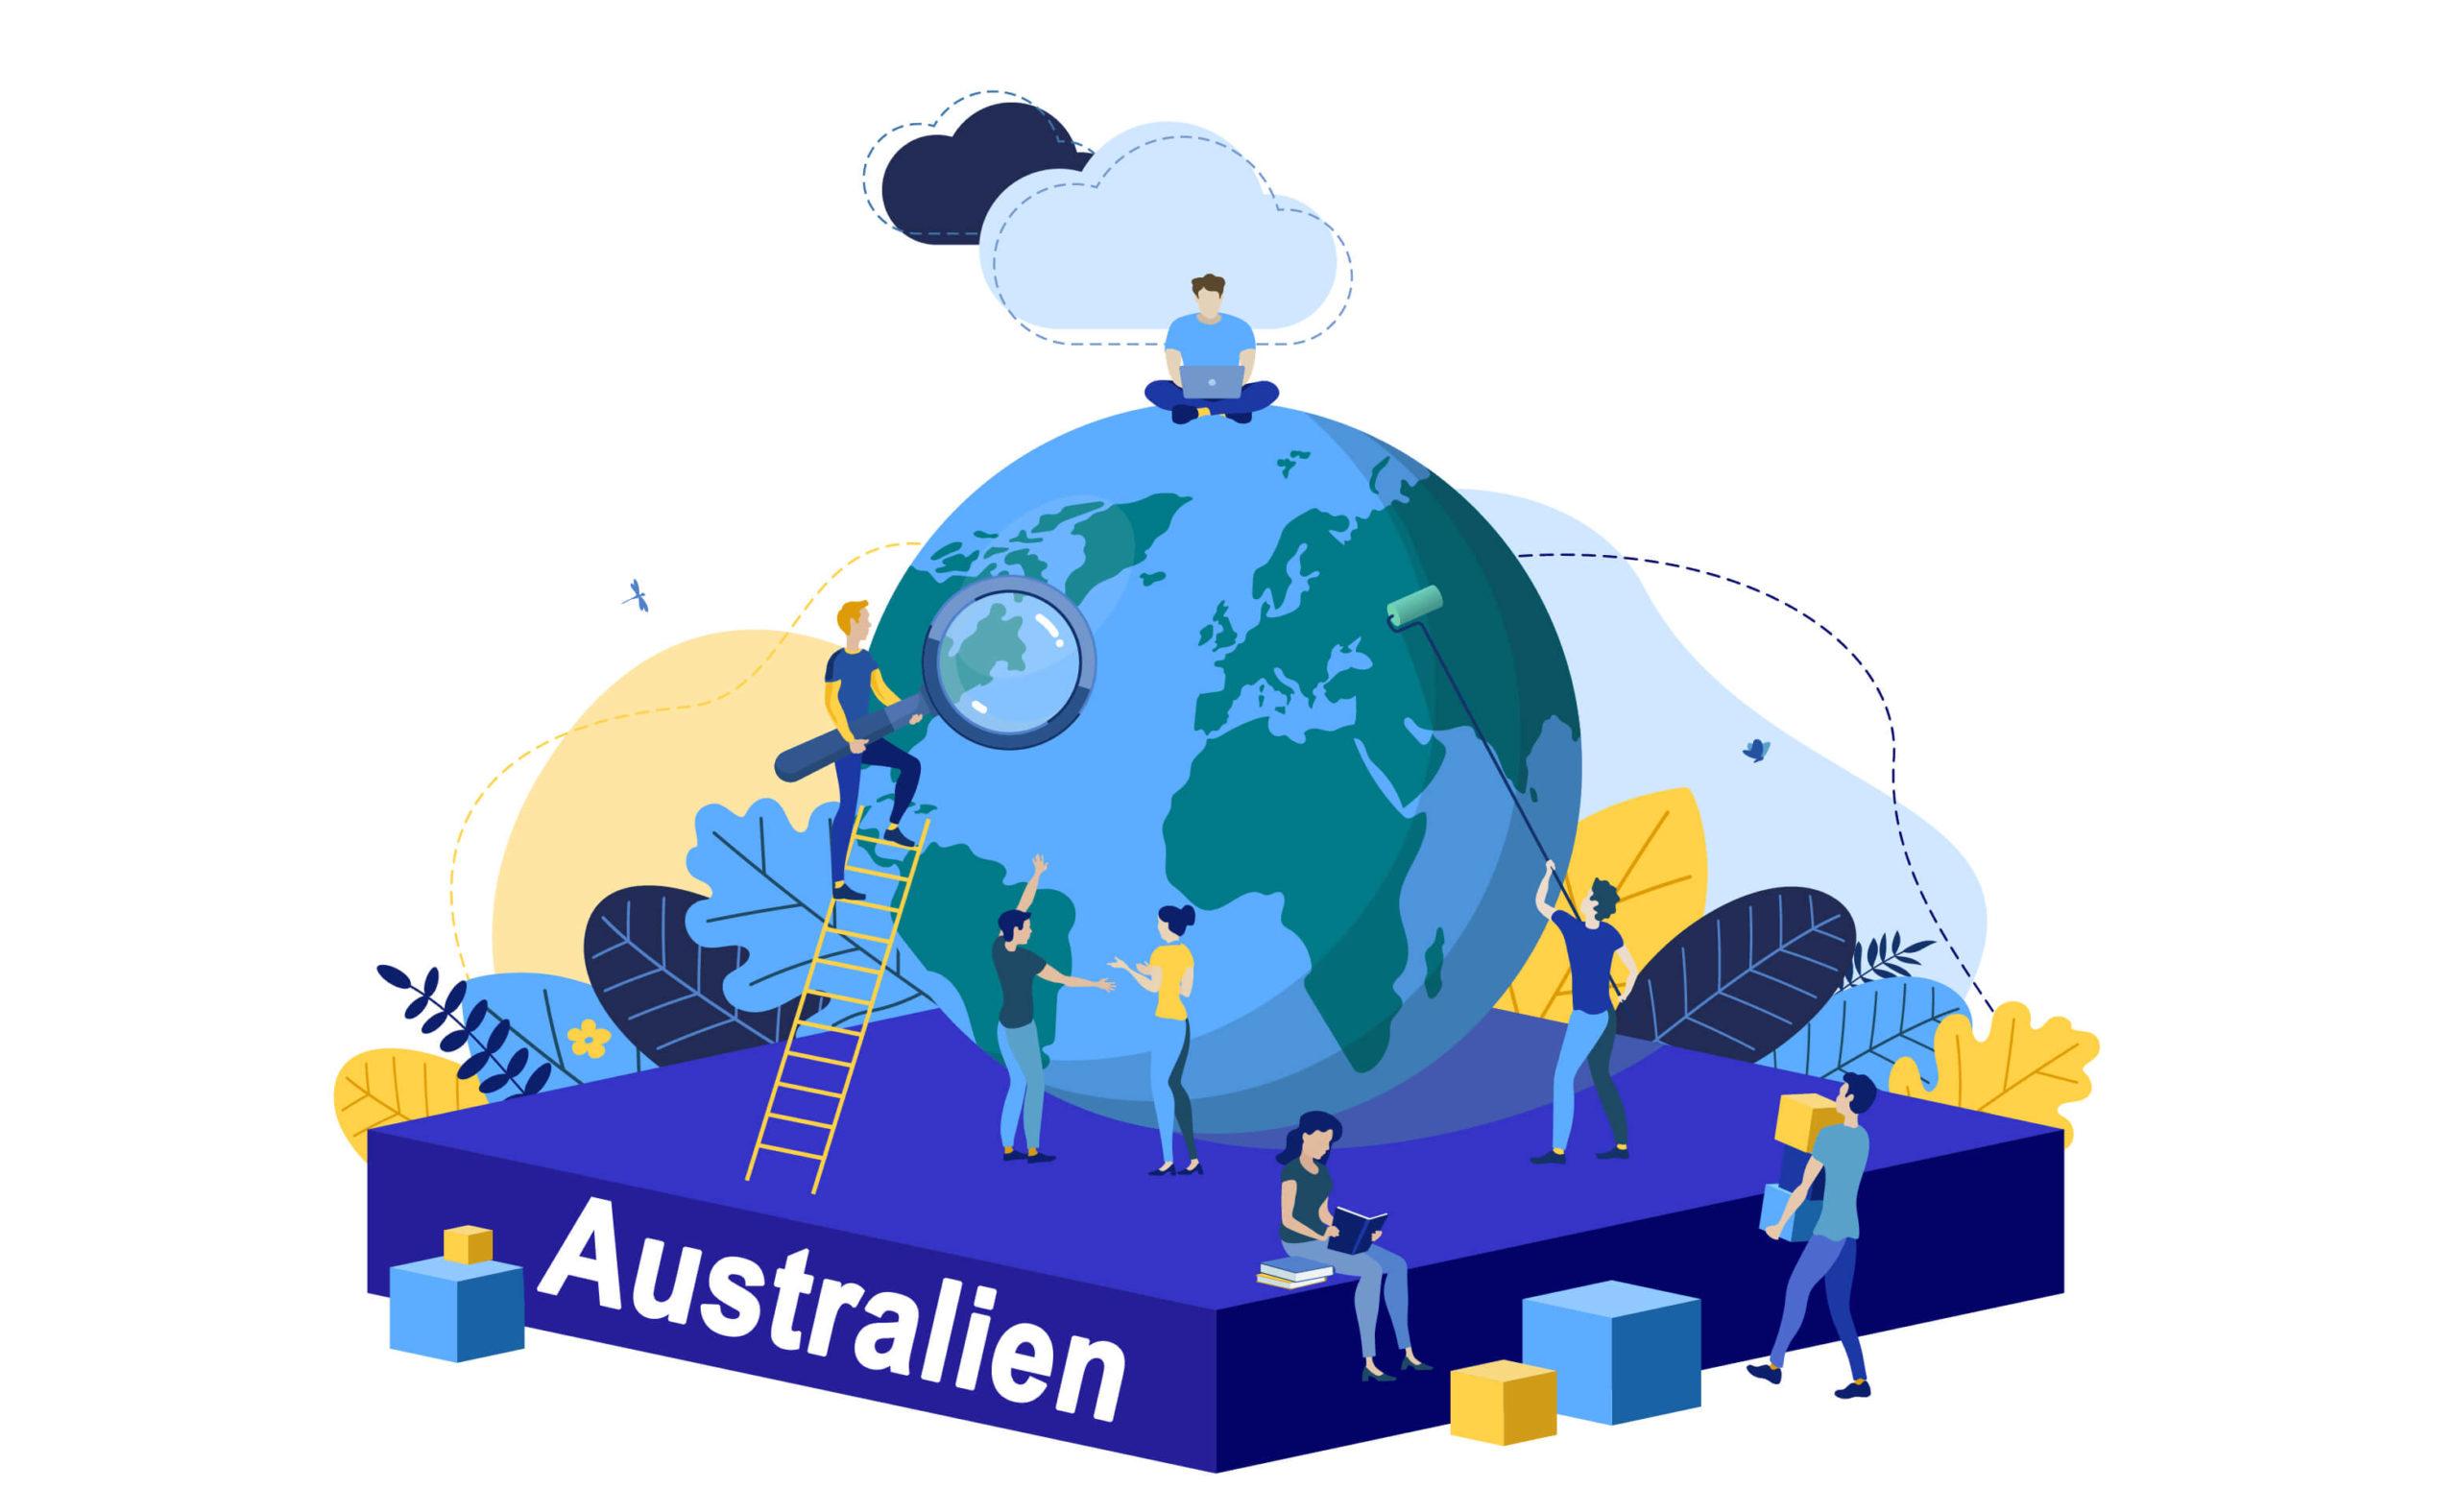 Ort - Australien